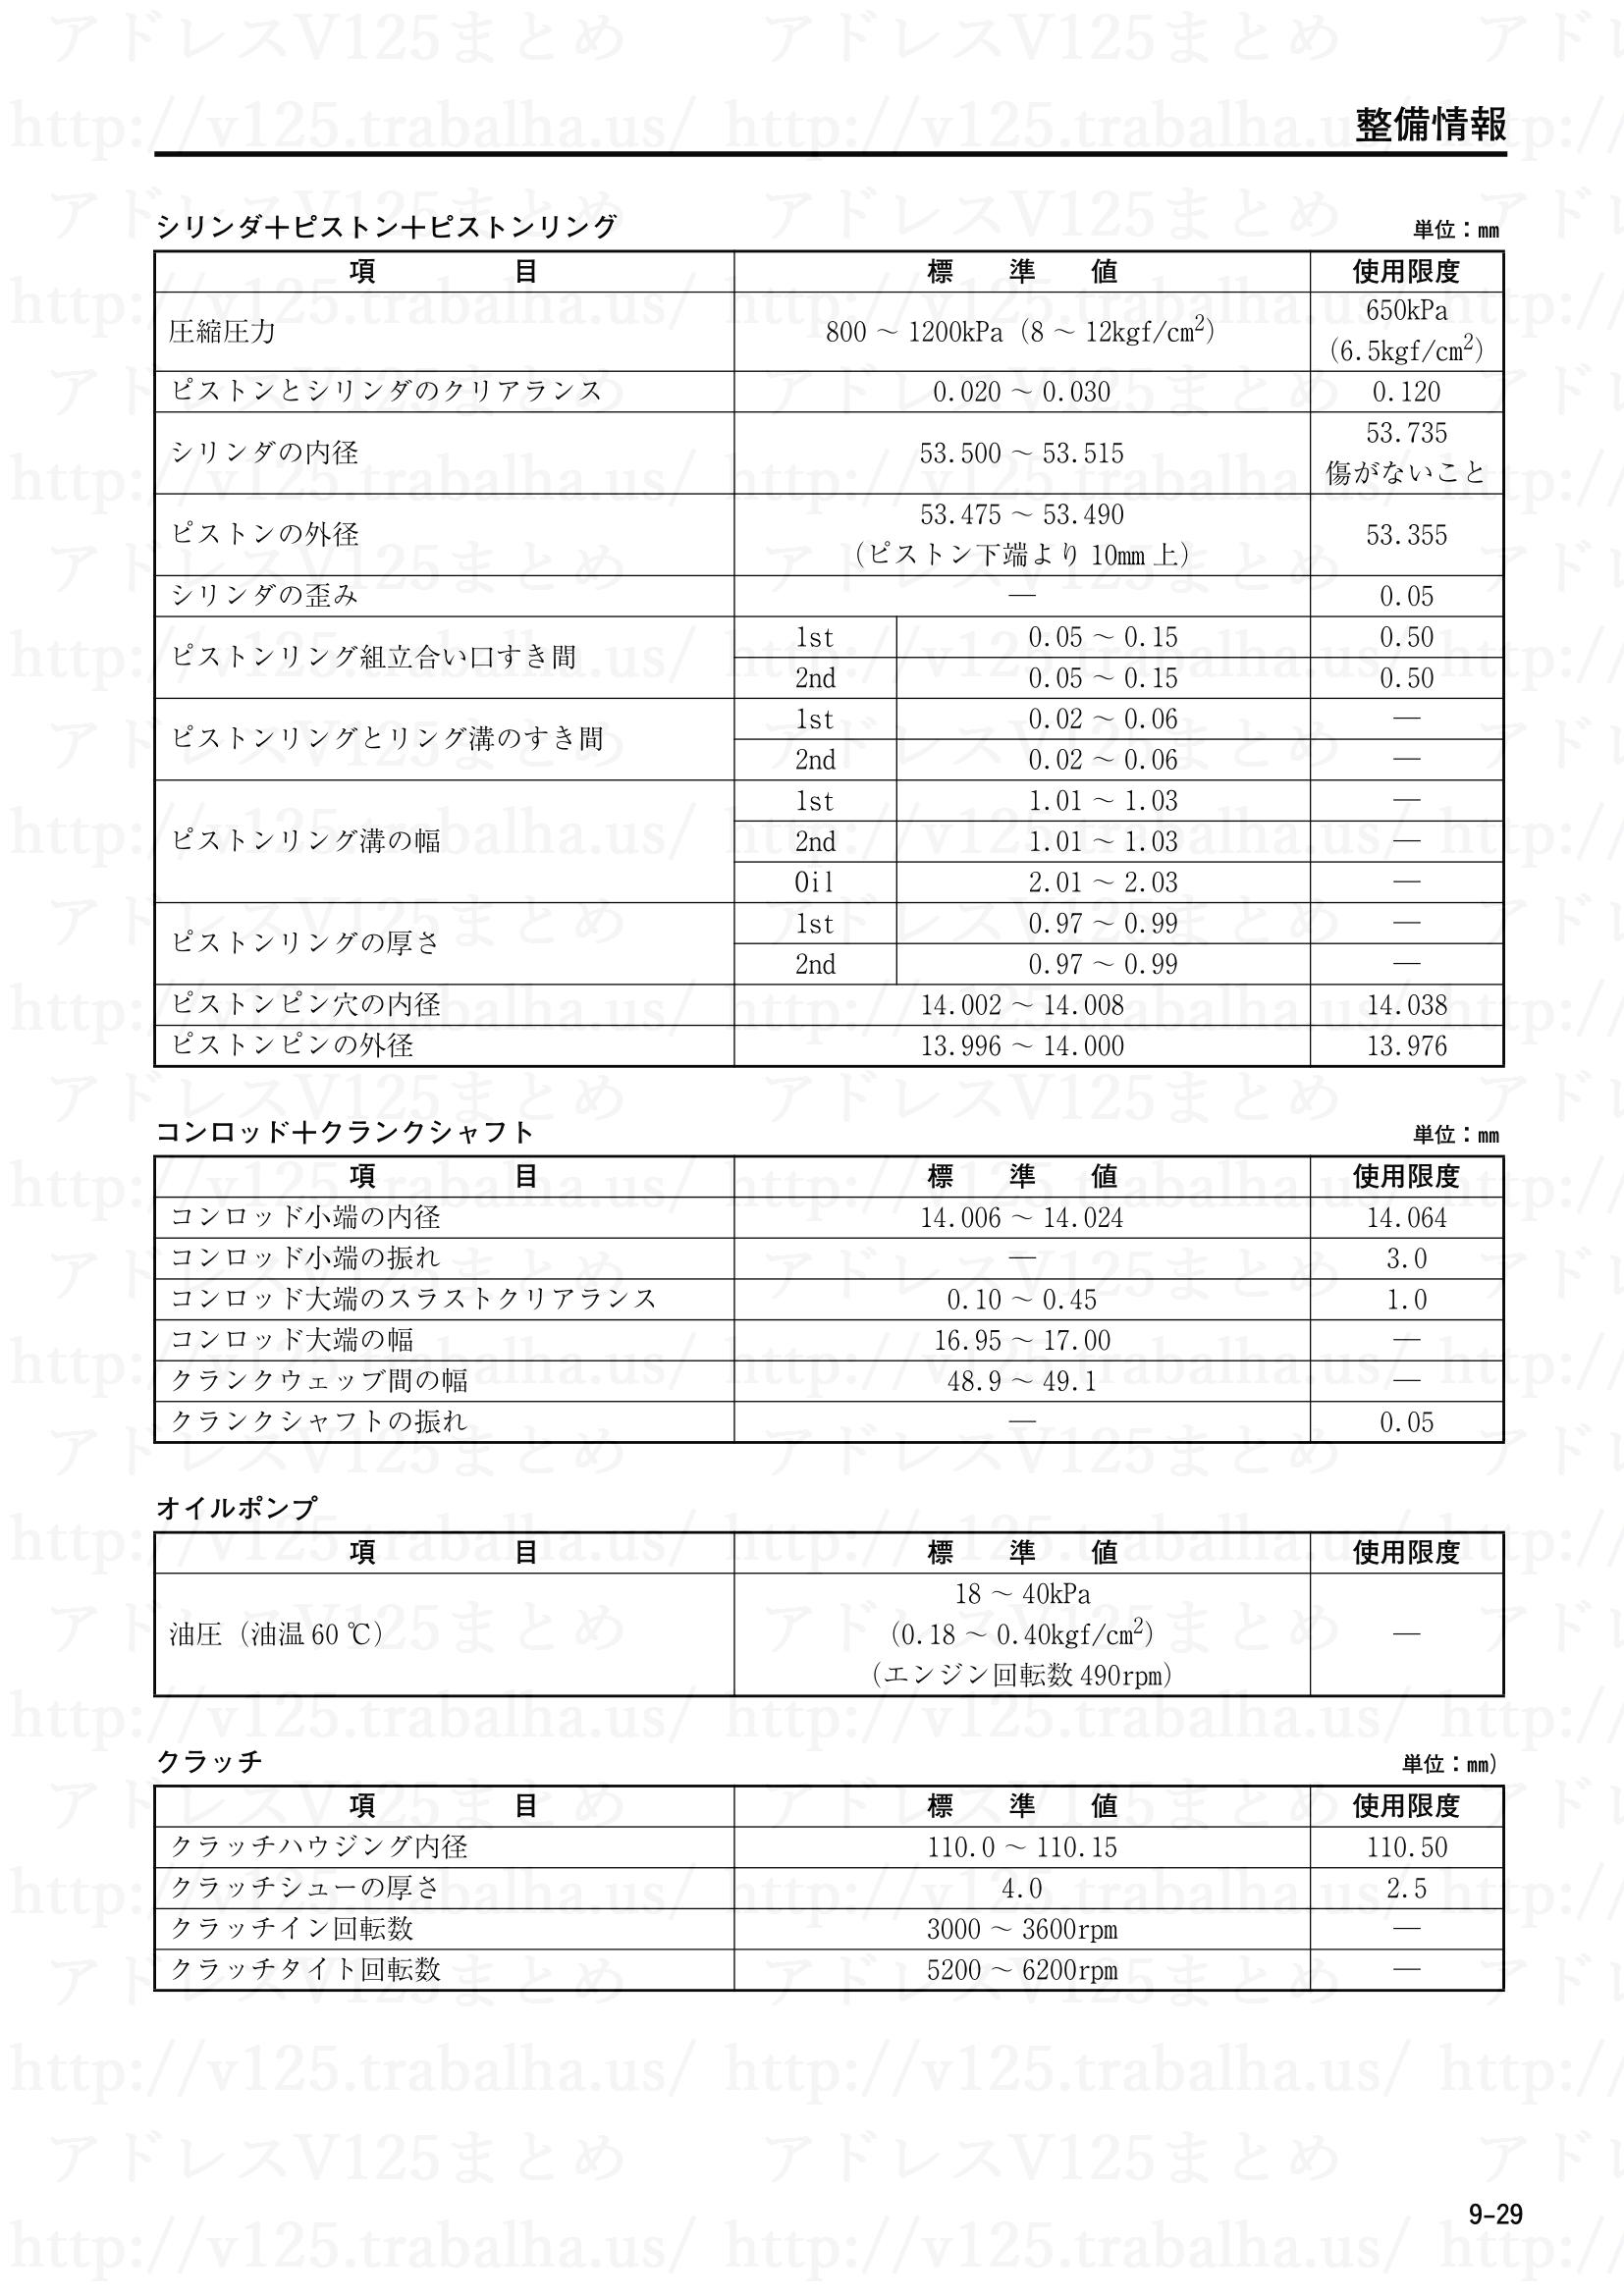 9-29【整備情報】整備データ2